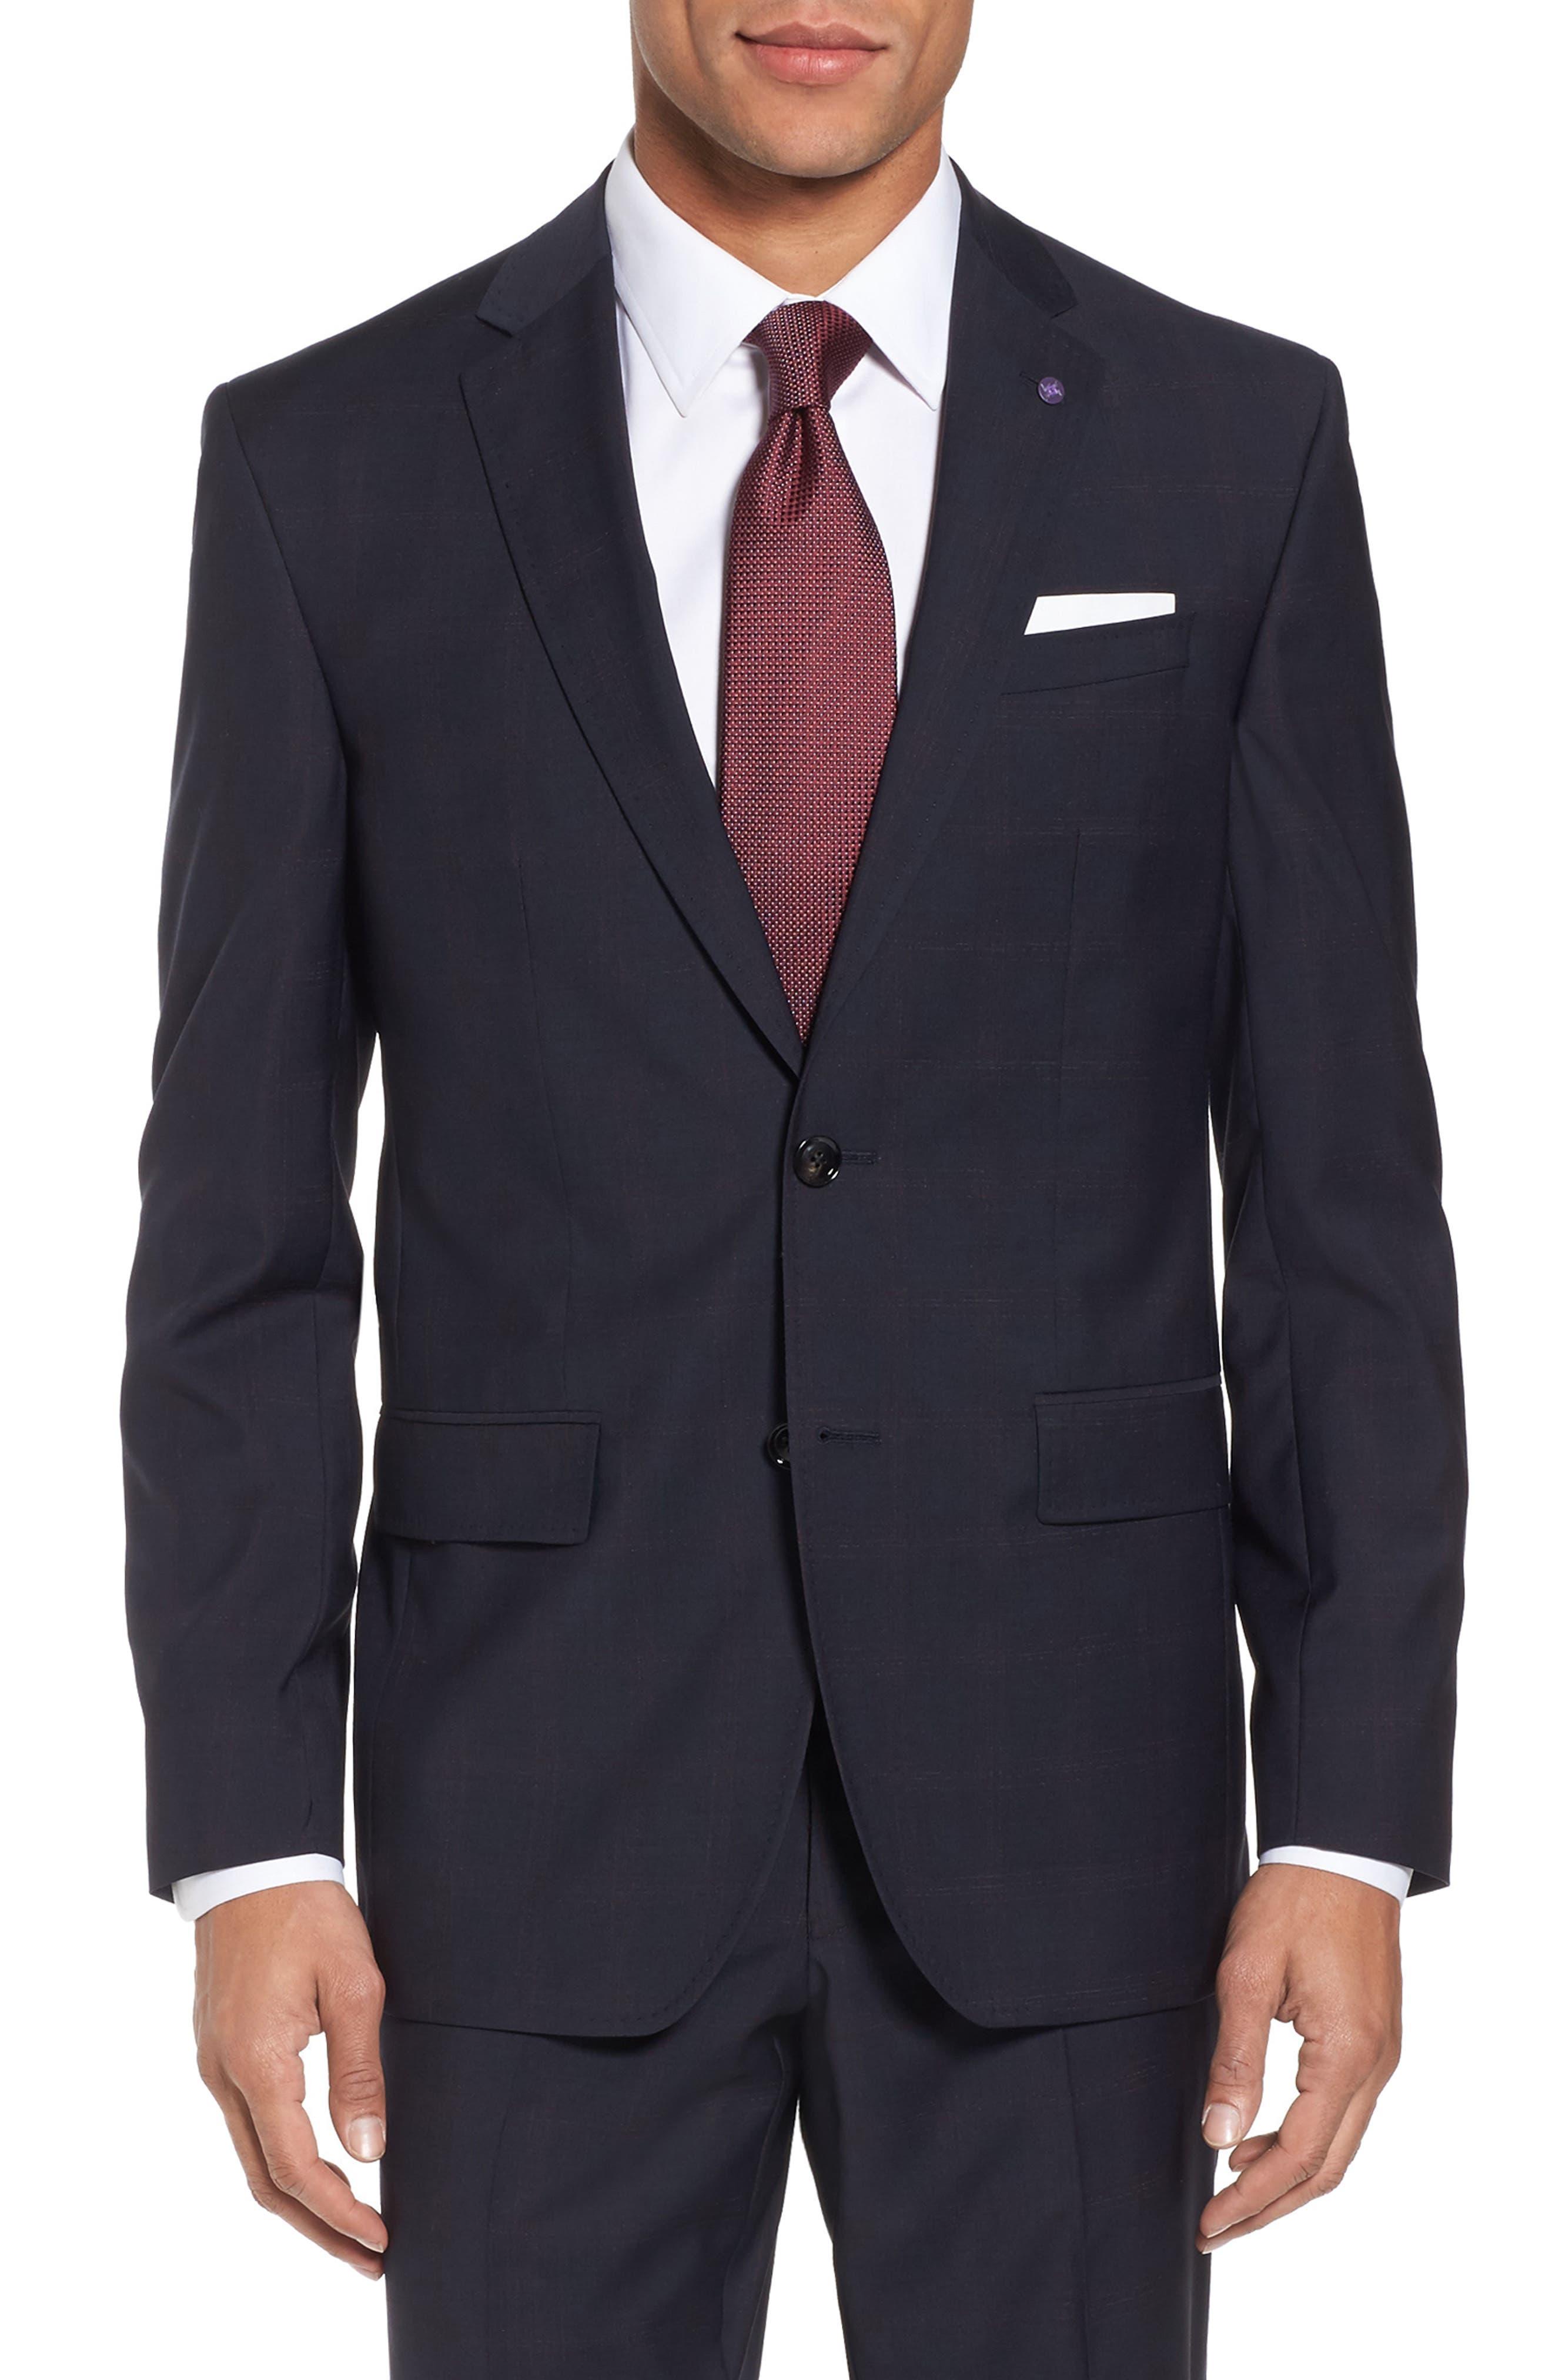 Jay Trim Fit Plaid Wool Suit,                             Alternate thumbnail 5, color,                             Black